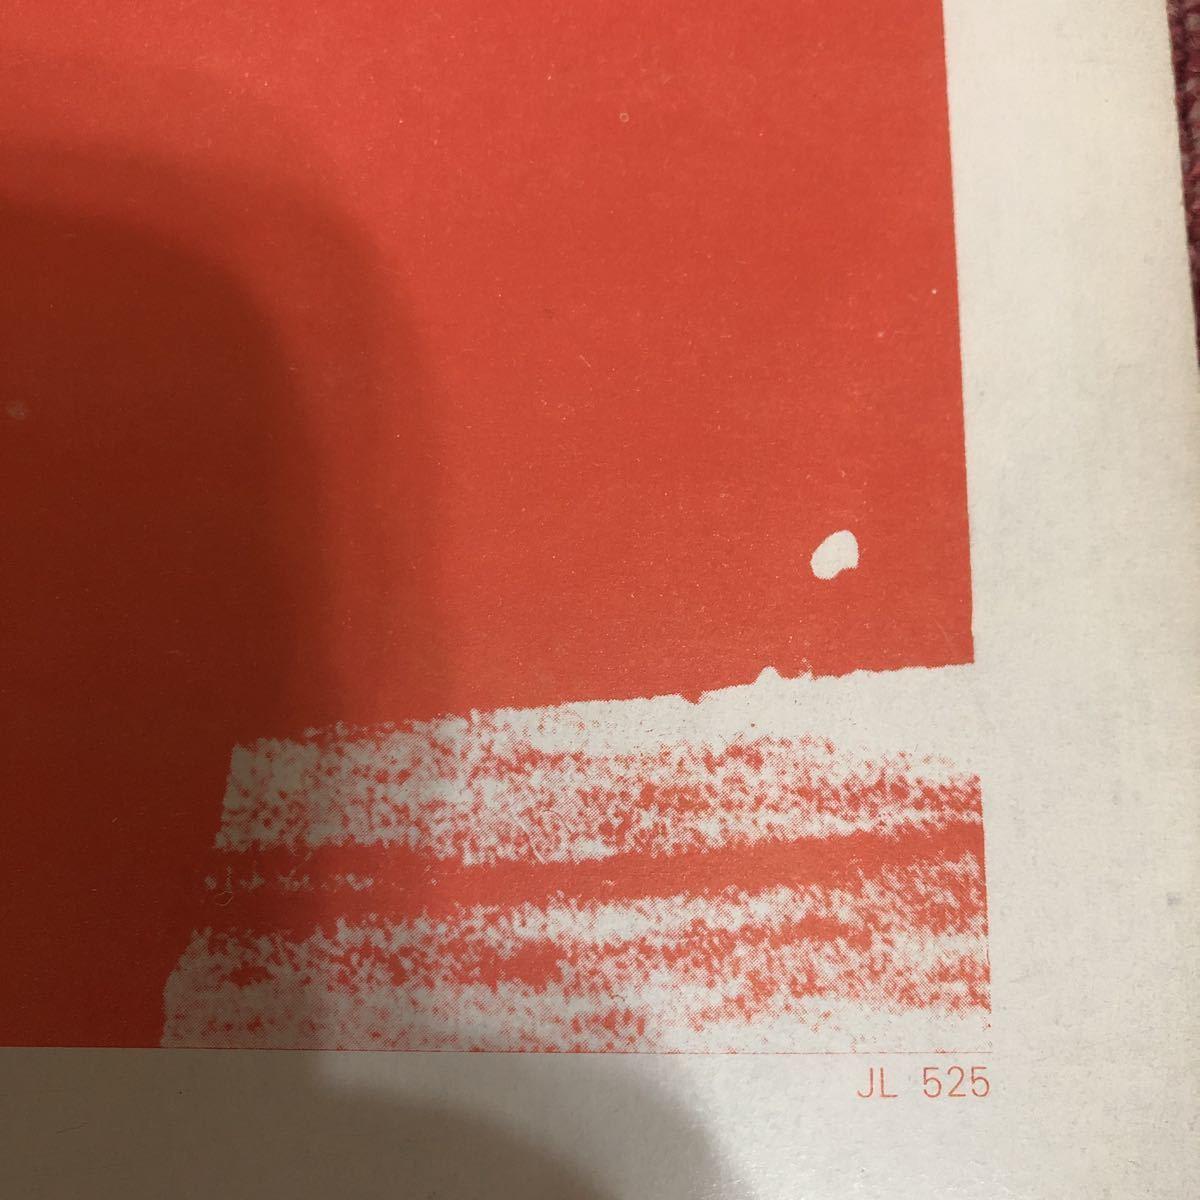 レア盤★LPレコード★洋楽★ビートルズ★SWEDEN 1963★輸入盤★レコード多数出品中_画像10